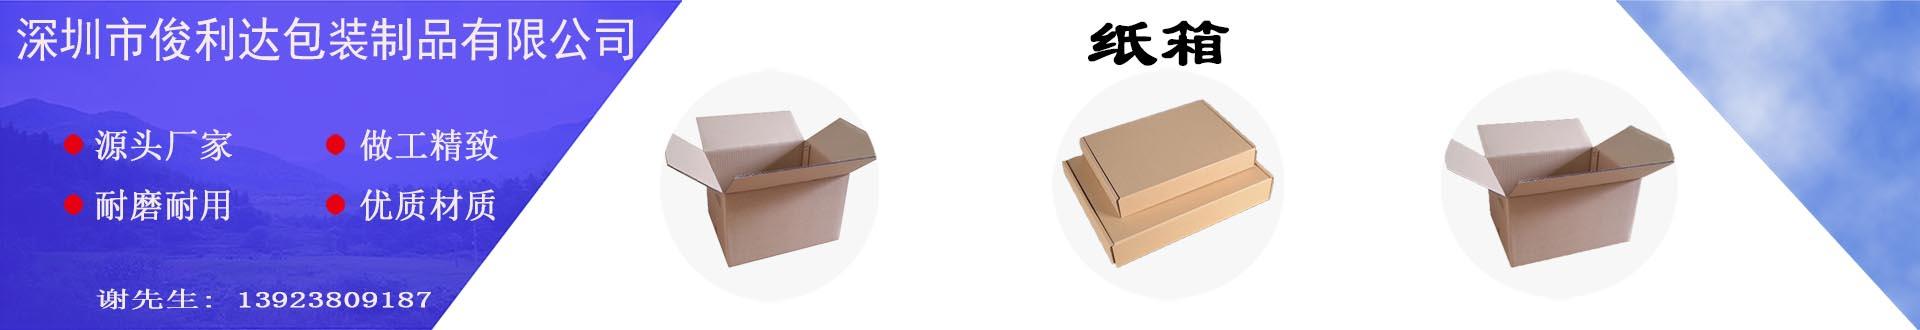 深圳市俊利达包装制品有限公司